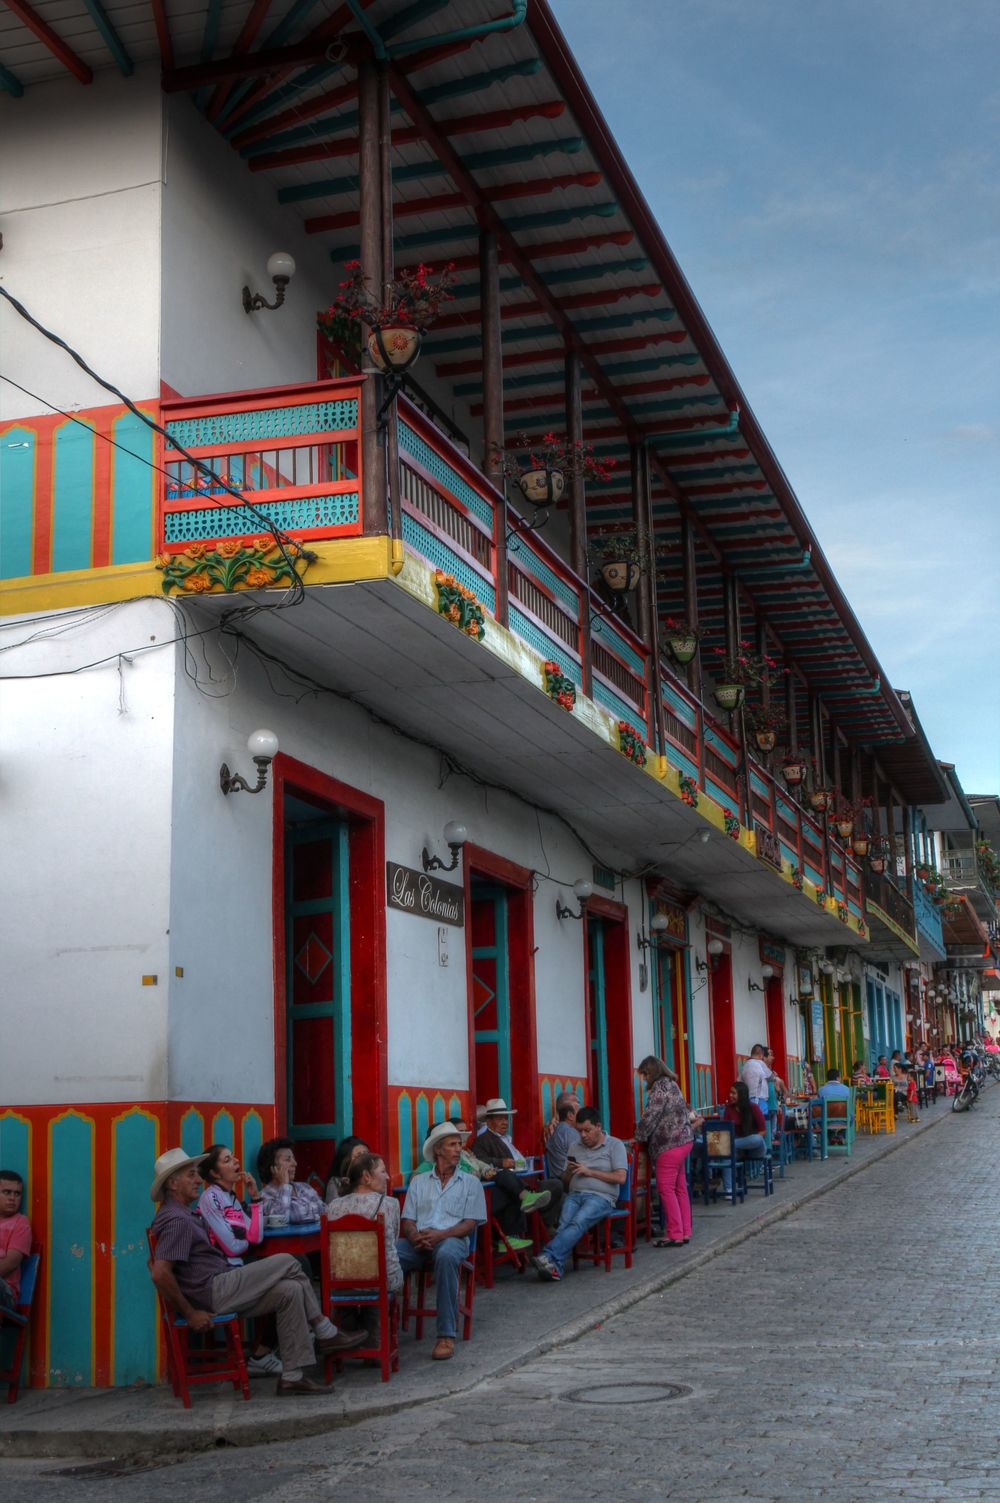 Les bars animés de la place, Jardin, Antioquia, Colombie